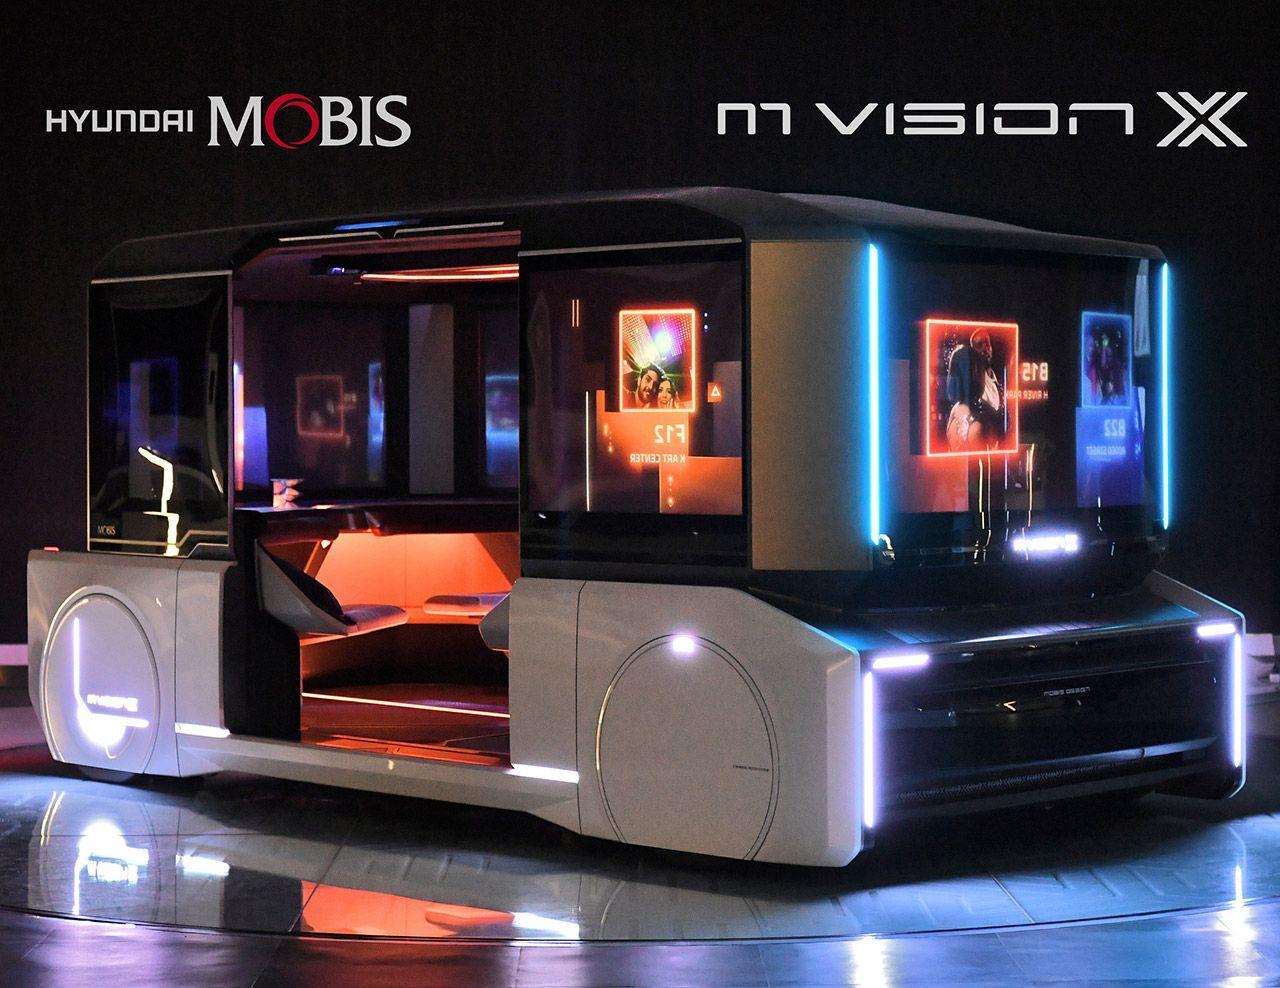 Электромобиль будет управляться смартфоном вместо руля; Hyundai Mobis создает эру новой мобильности